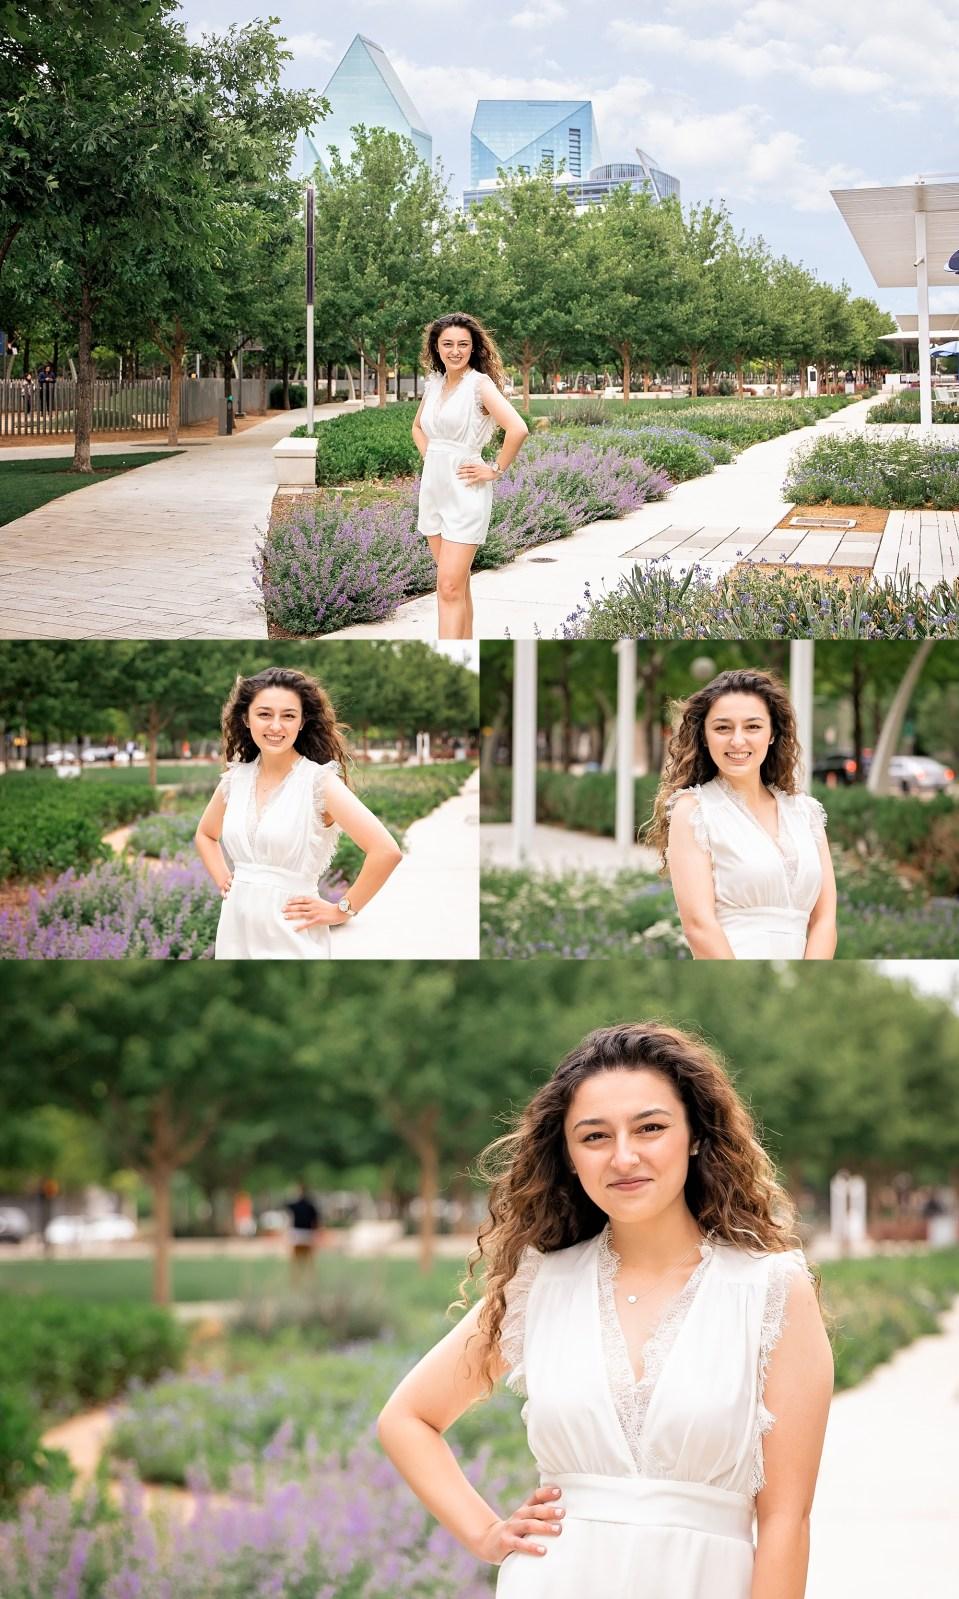 Klyde Warrent Park Portraits, Senior Portraits at Klyde Warren Park, Dallas Arts District portrait session, downtown dallas senior portraits